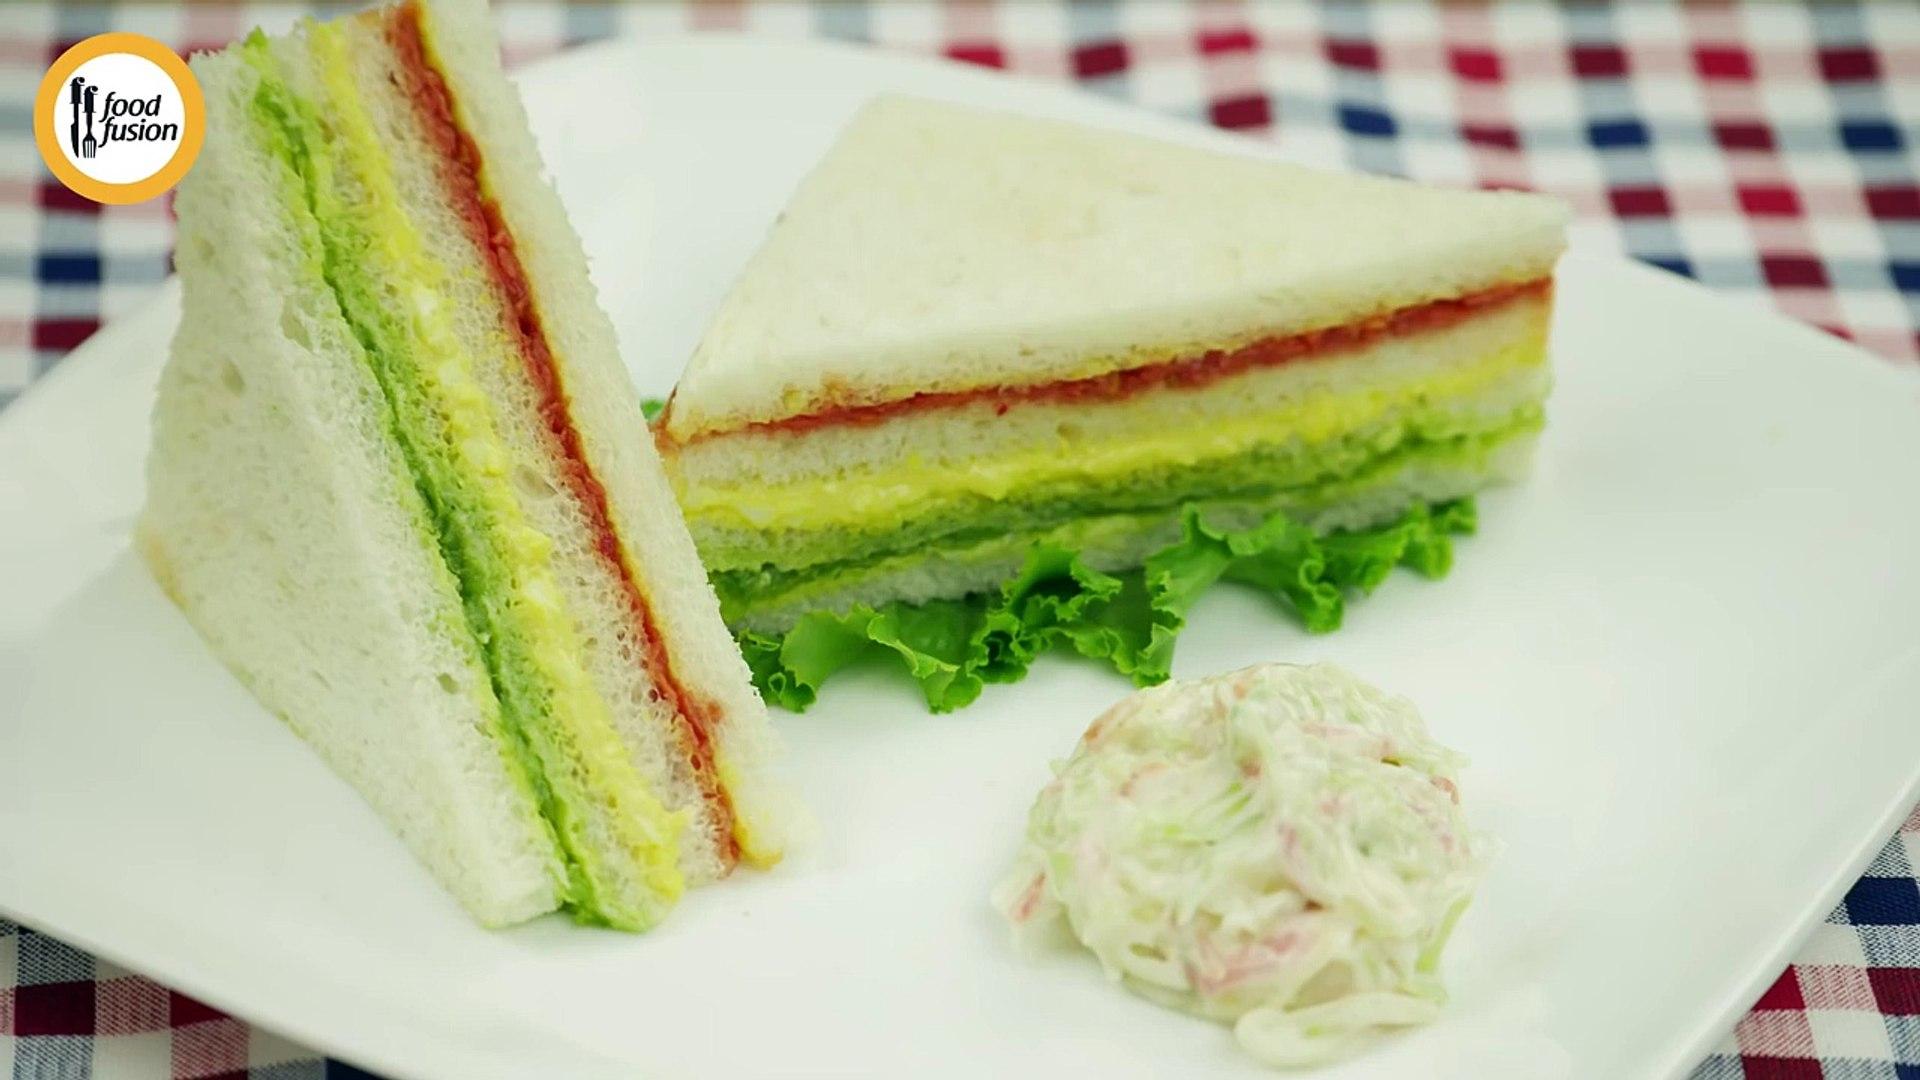 Rainbow Sandwich recipe by Food Fusion